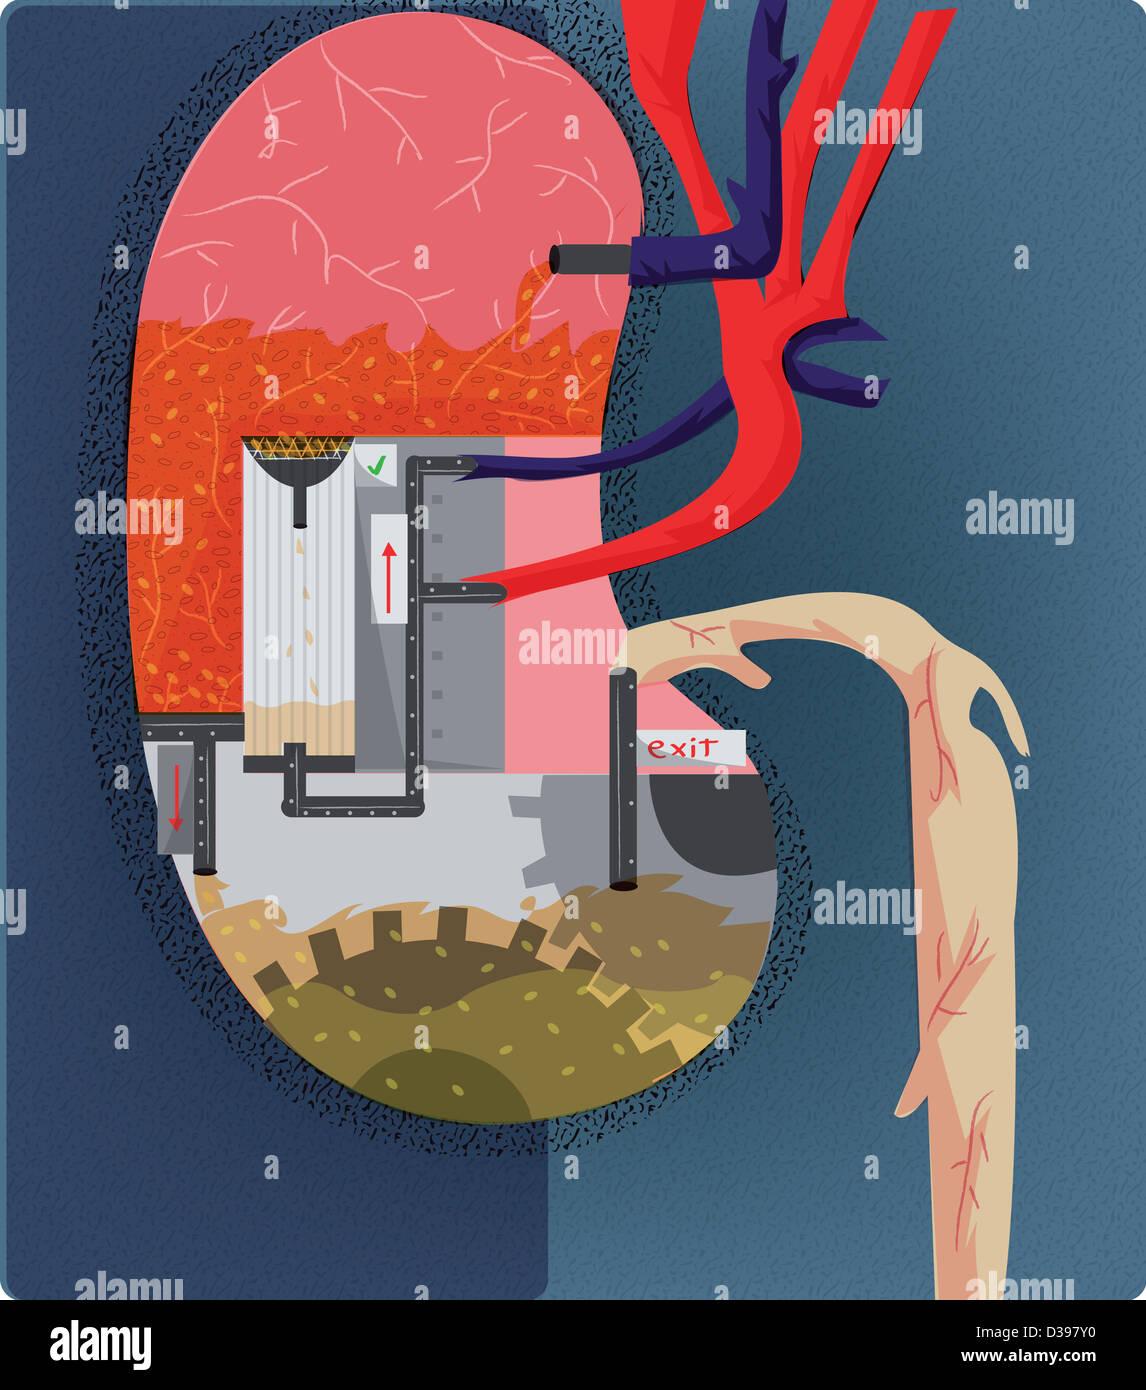 Wasseraufbereitungsanlage, die Darstellung der Funktion der Niere ...